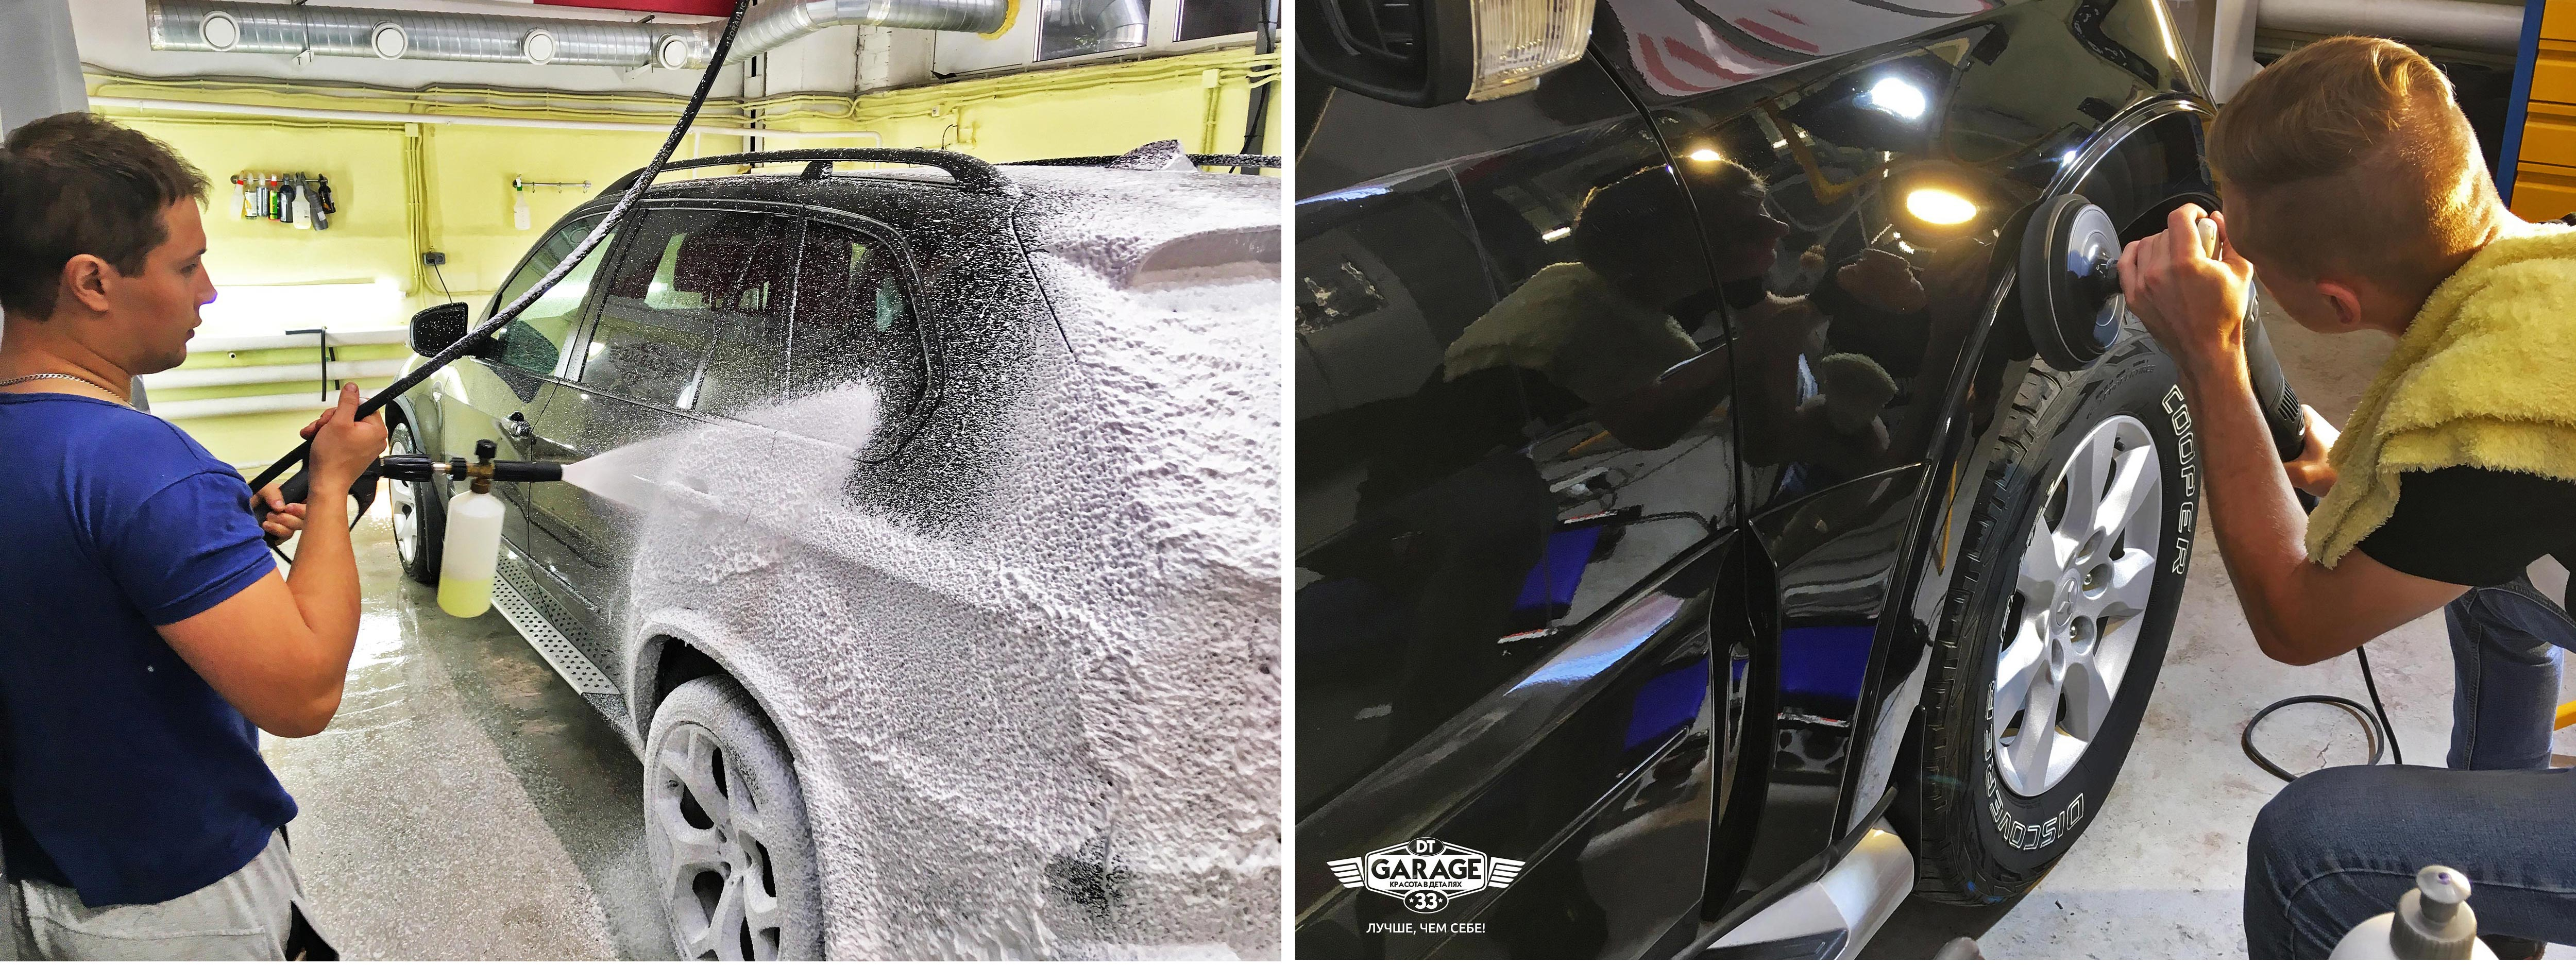 """На фото мастера """"DT GARAGE 33"""" за работой. Мойка и полировка машин."""